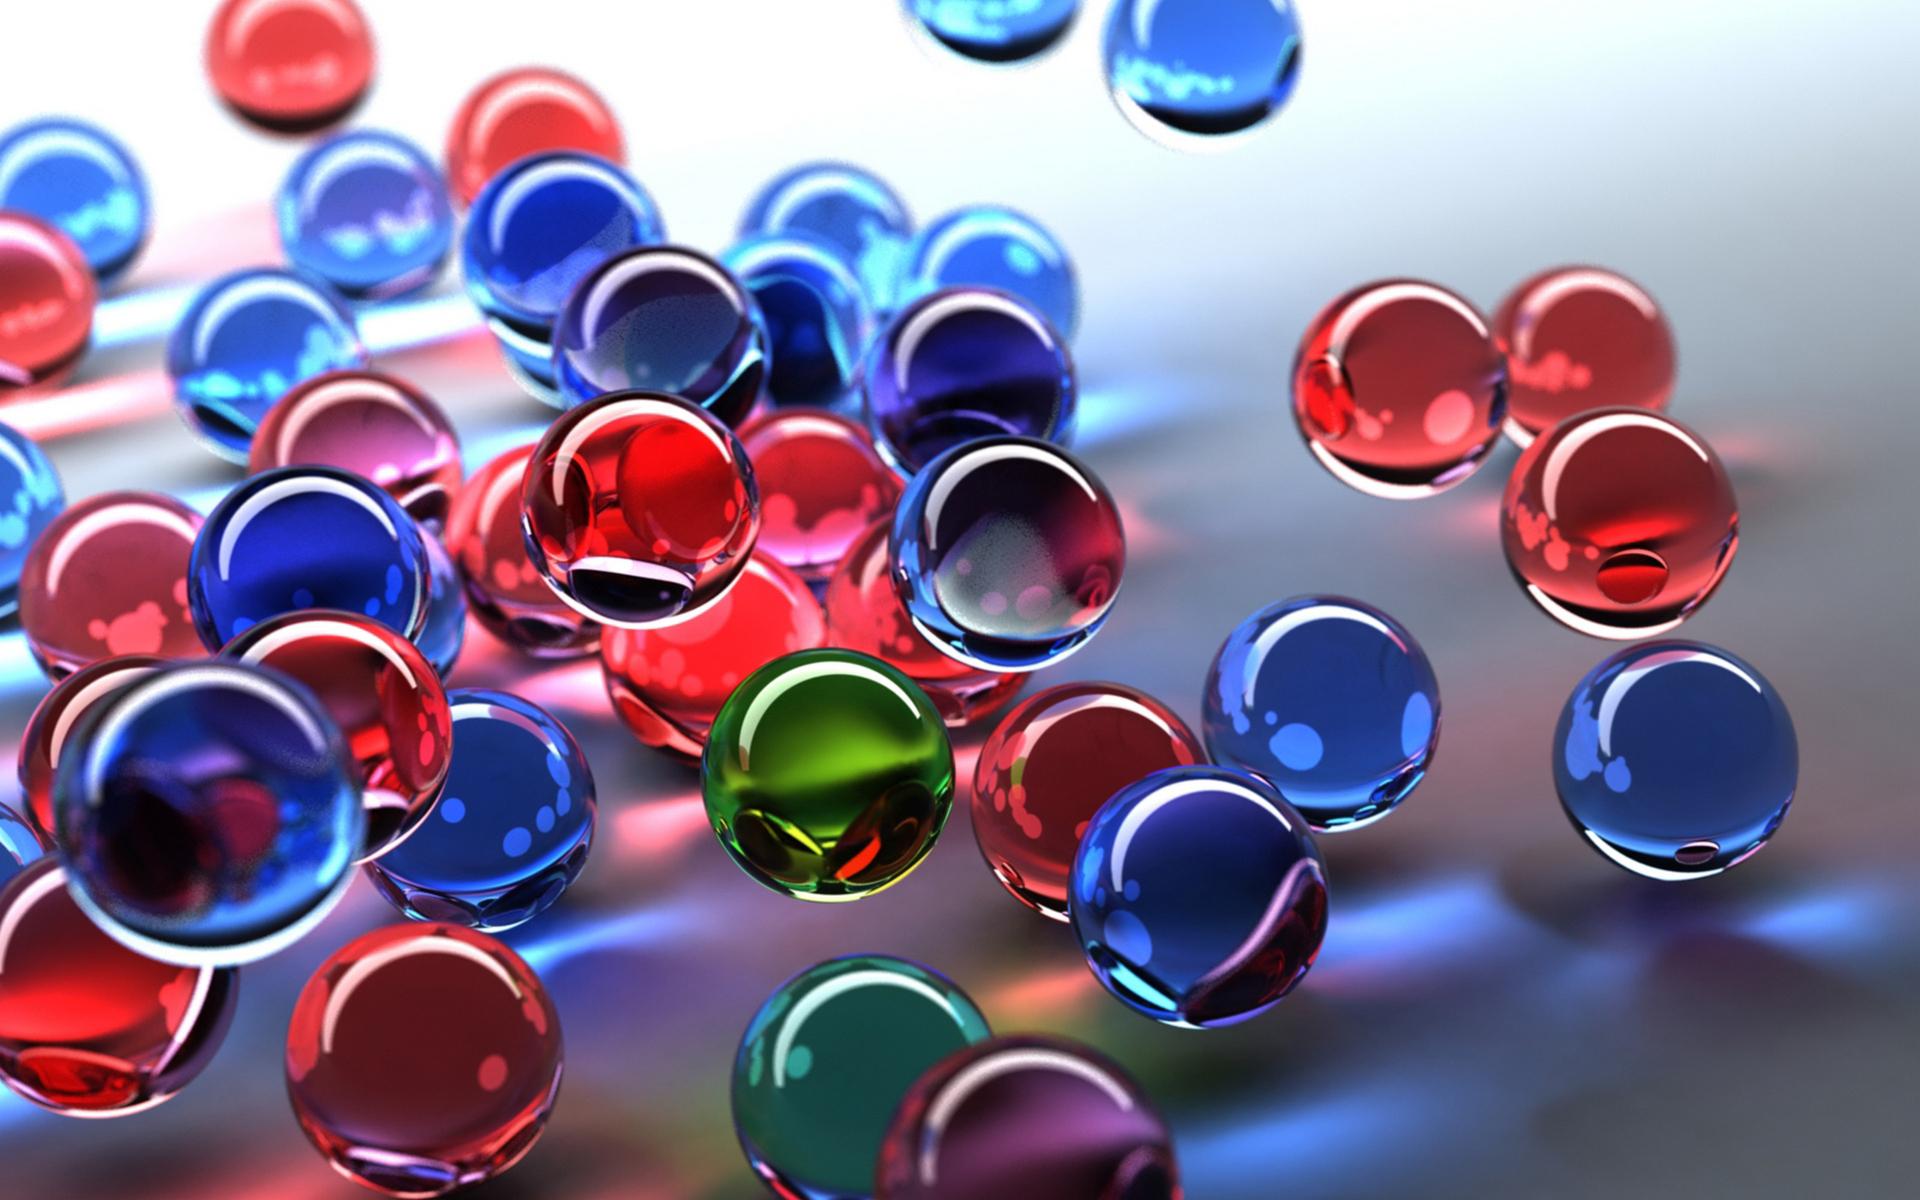 следует надевать фон для стола шарики стеклянные зависимости материала изготовления